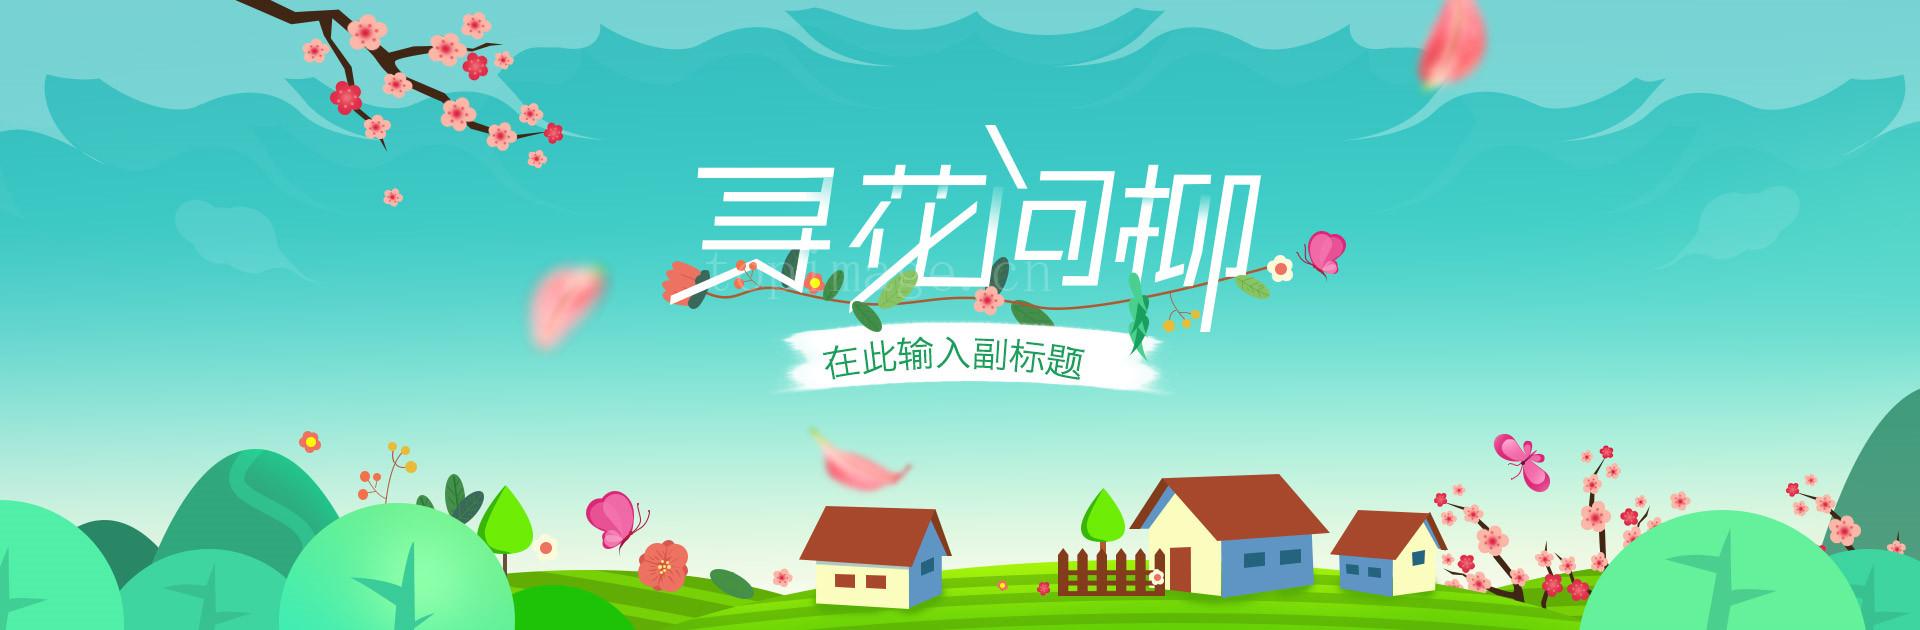 春季活动踏春出行促销扁平矢量插画页面专题源文件下载